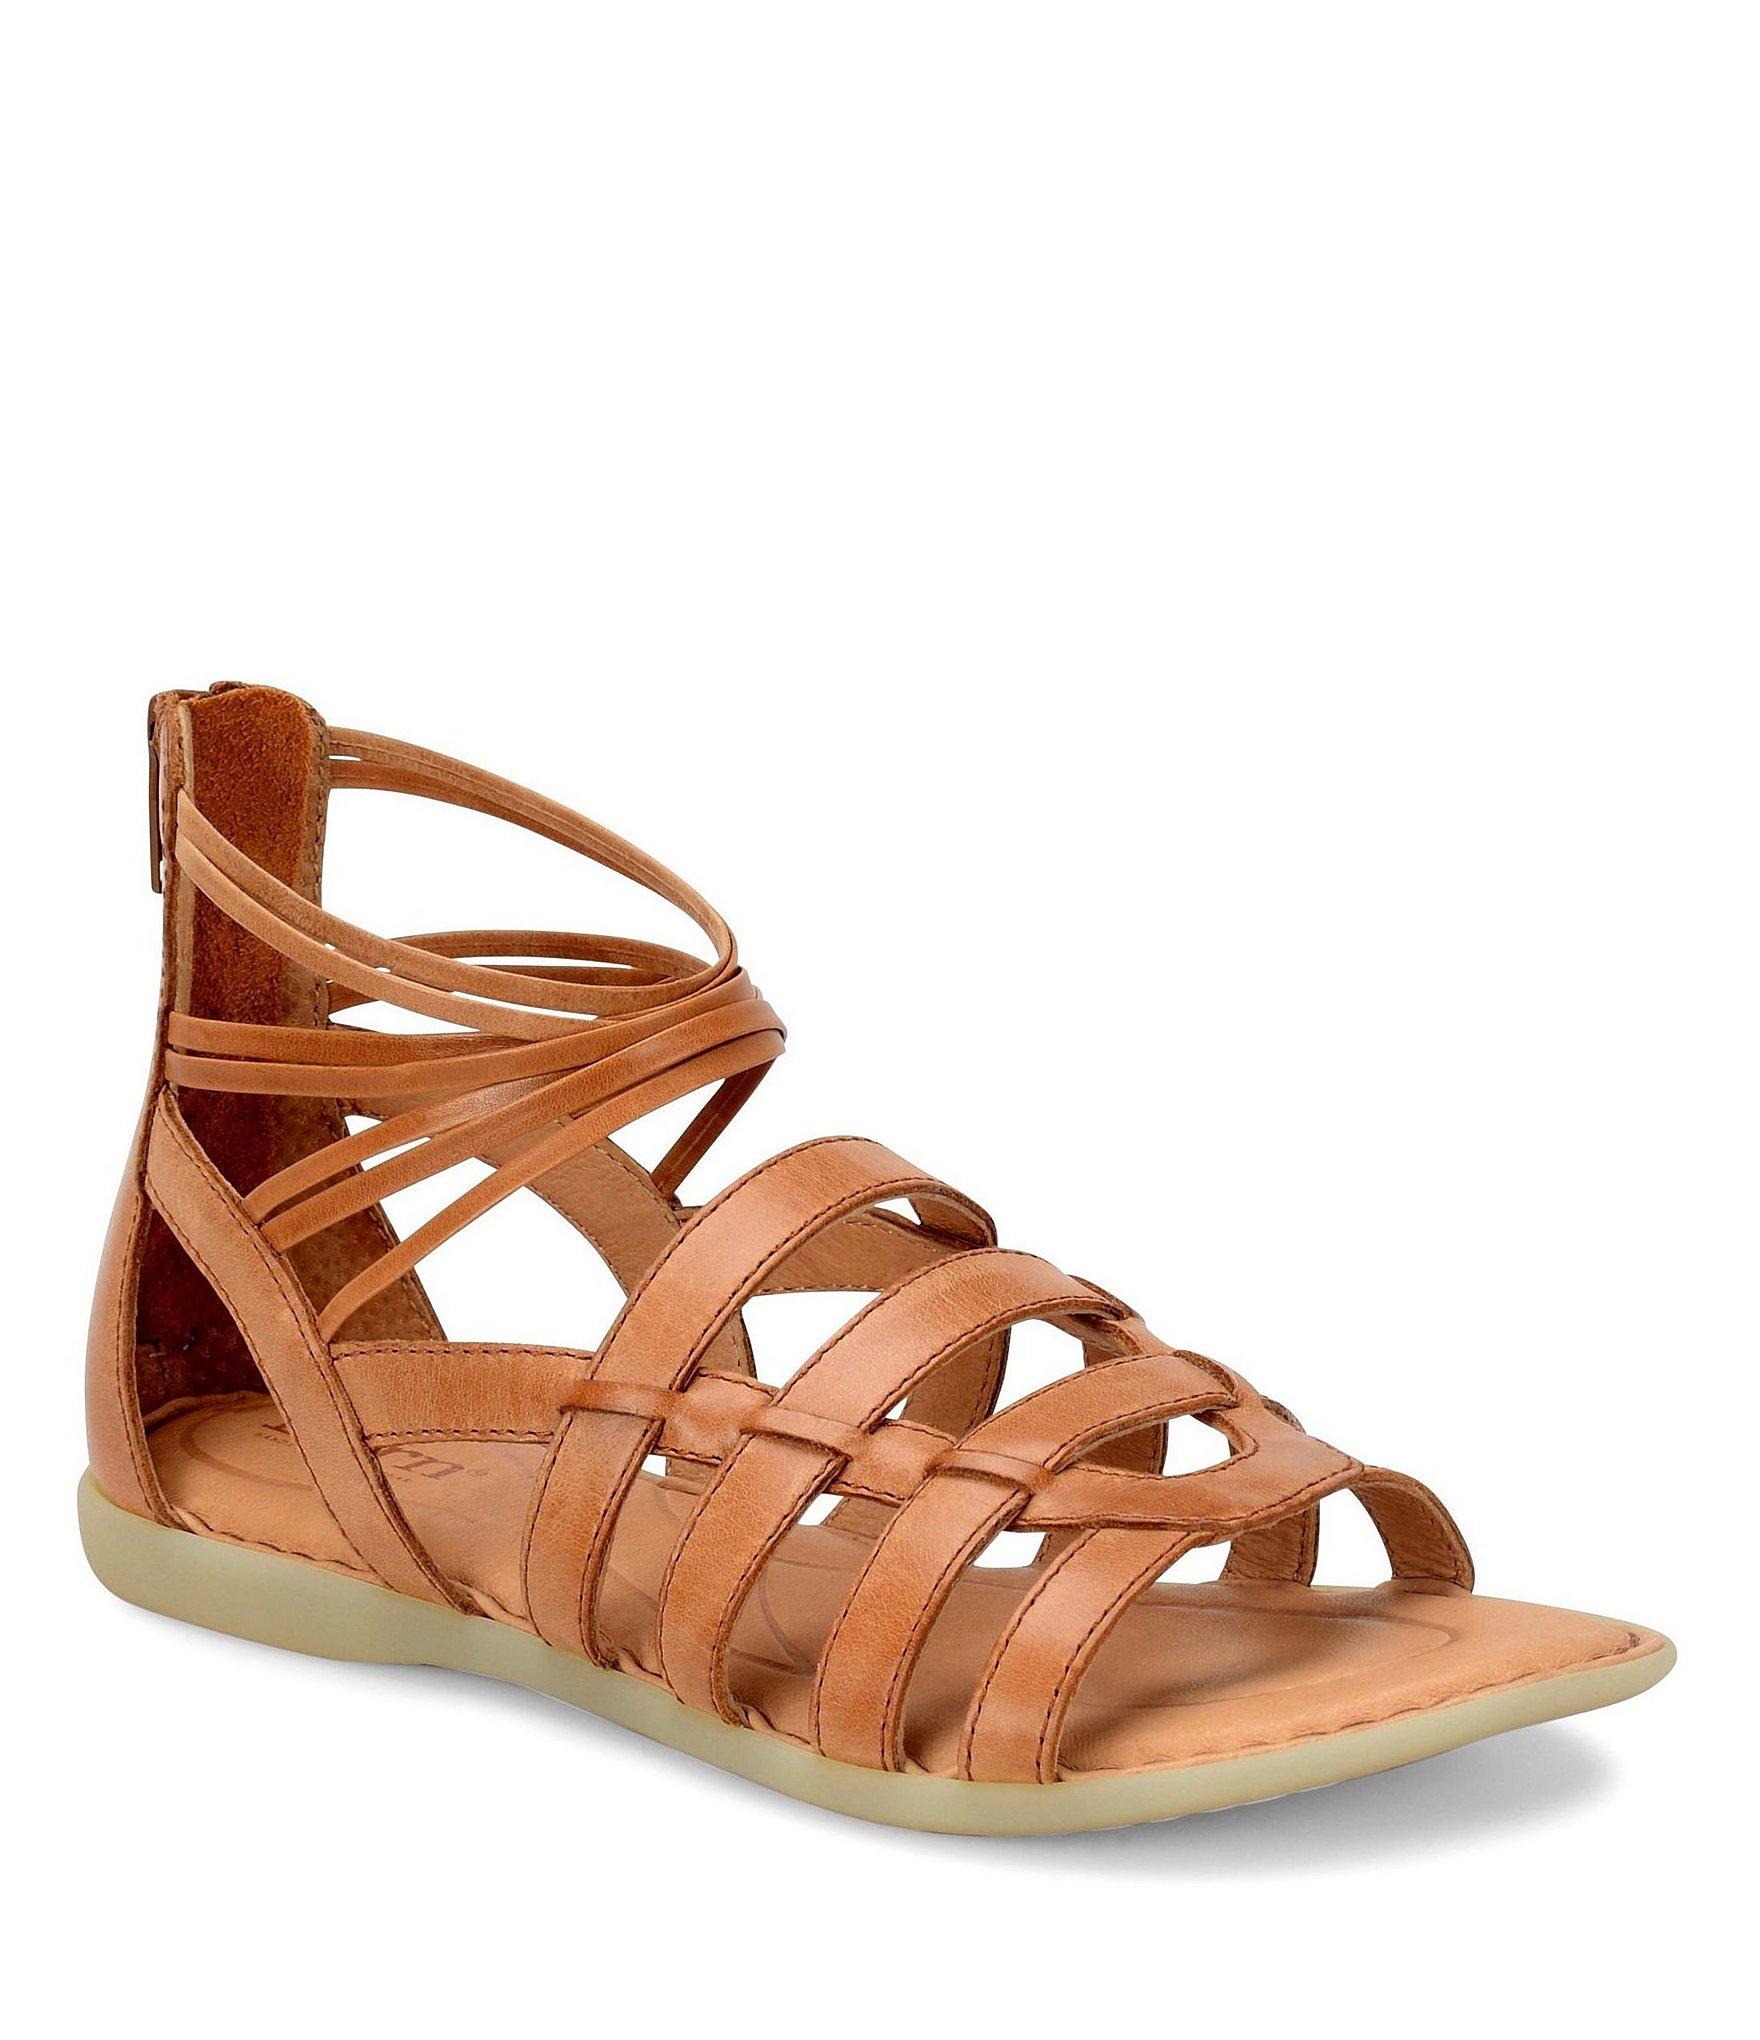 Flat sandals - Flat Sandals 54